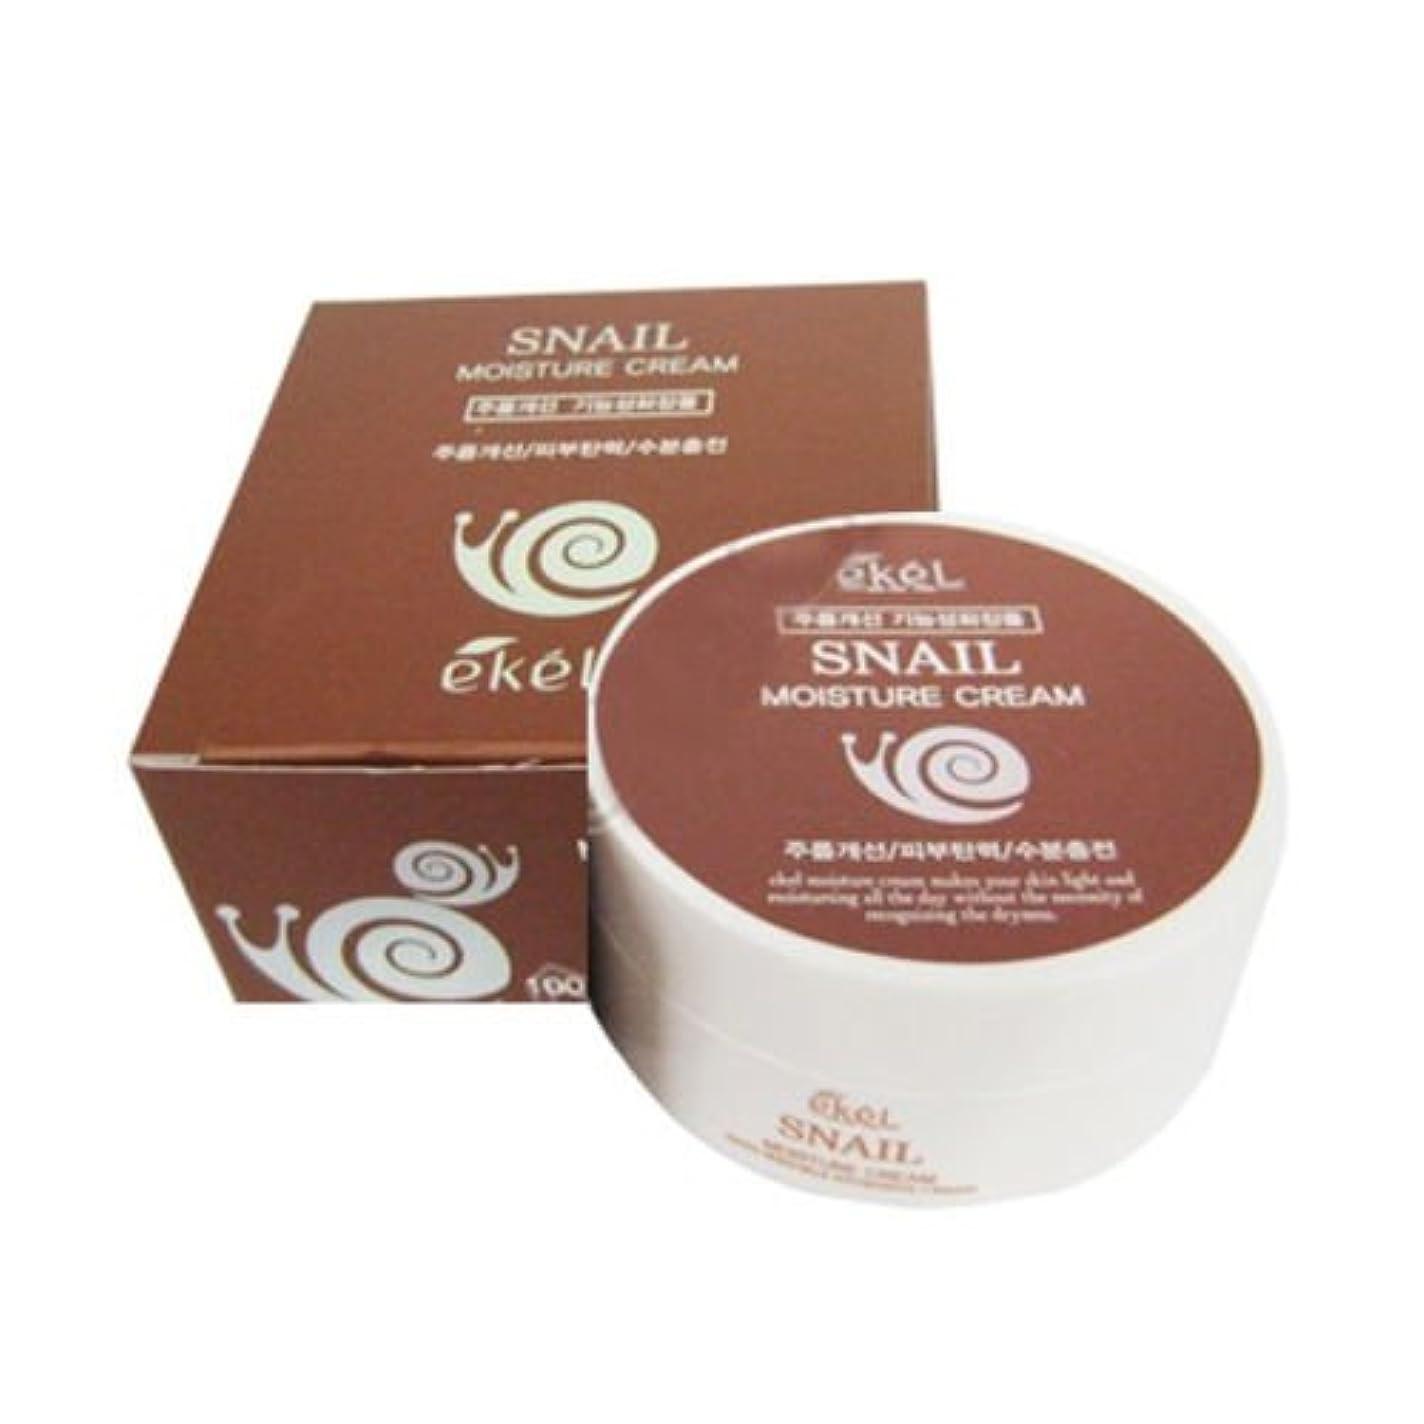 四半期口頭男やもめイケル[韓国コスメEkel]Snail Moisture Cream カタツムリモイスチャークリーム100g [並行輸入品]